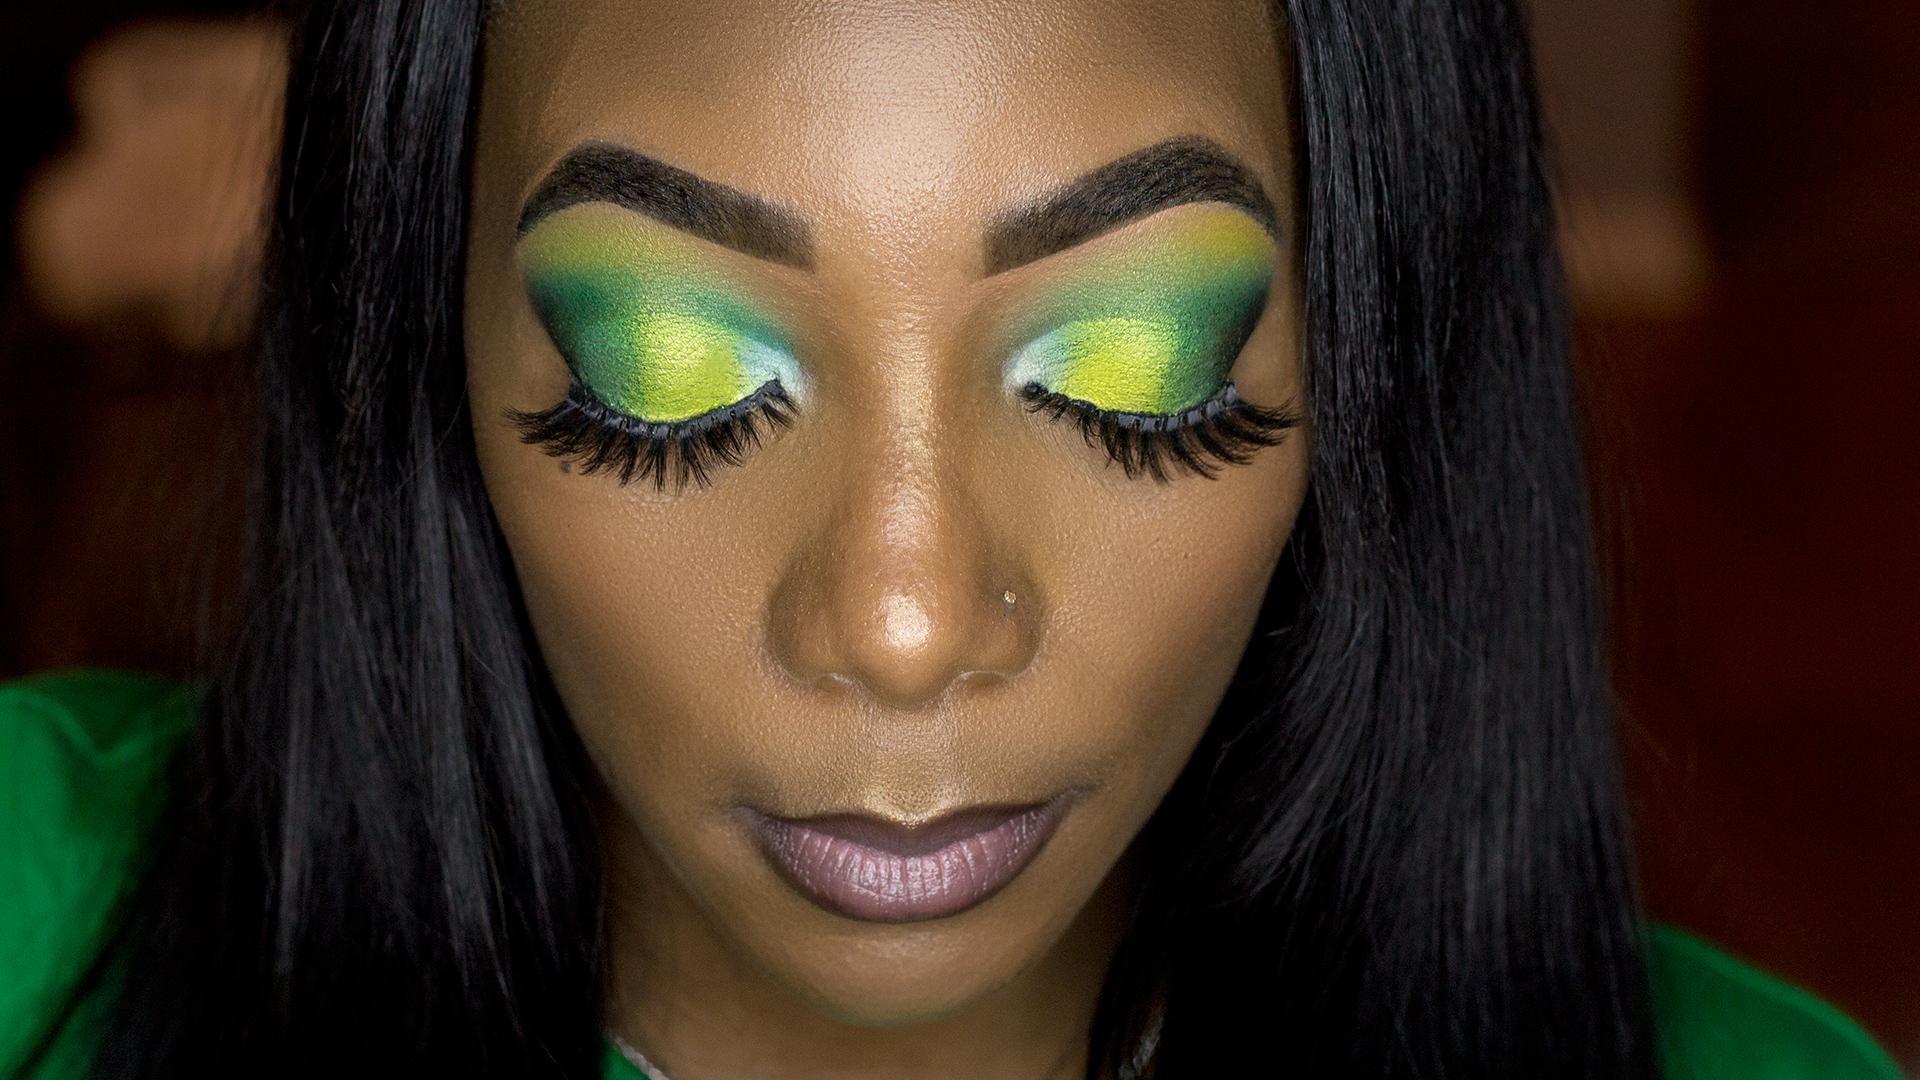 How To: Sprite Yellow & Lime Green Eyeshadow Makeup Tutorial – Alexus Renée Celebrity Myxer photo